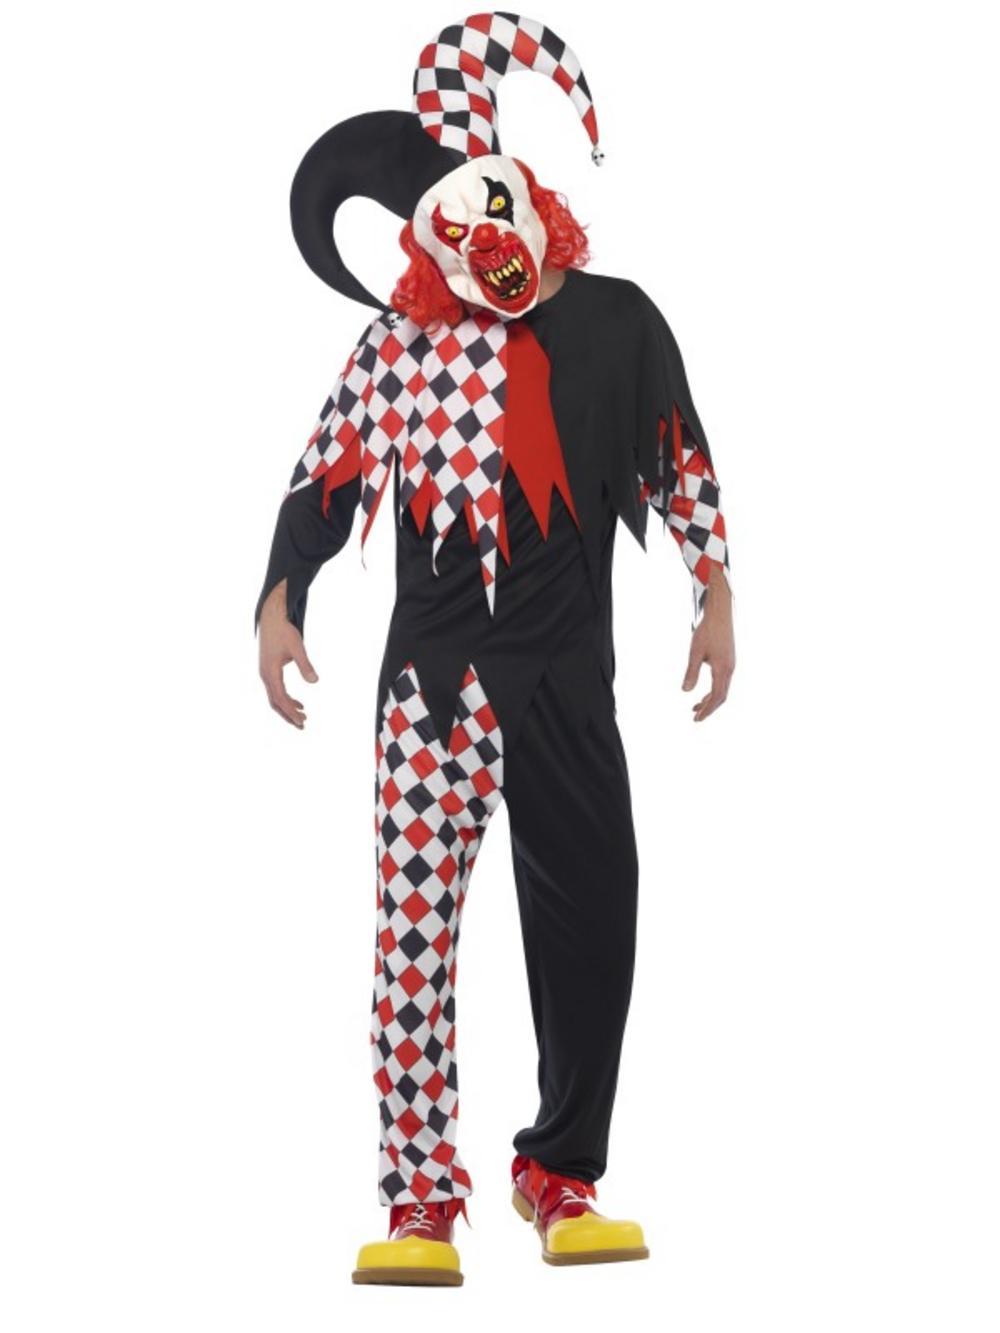 Crazed Jester Costume